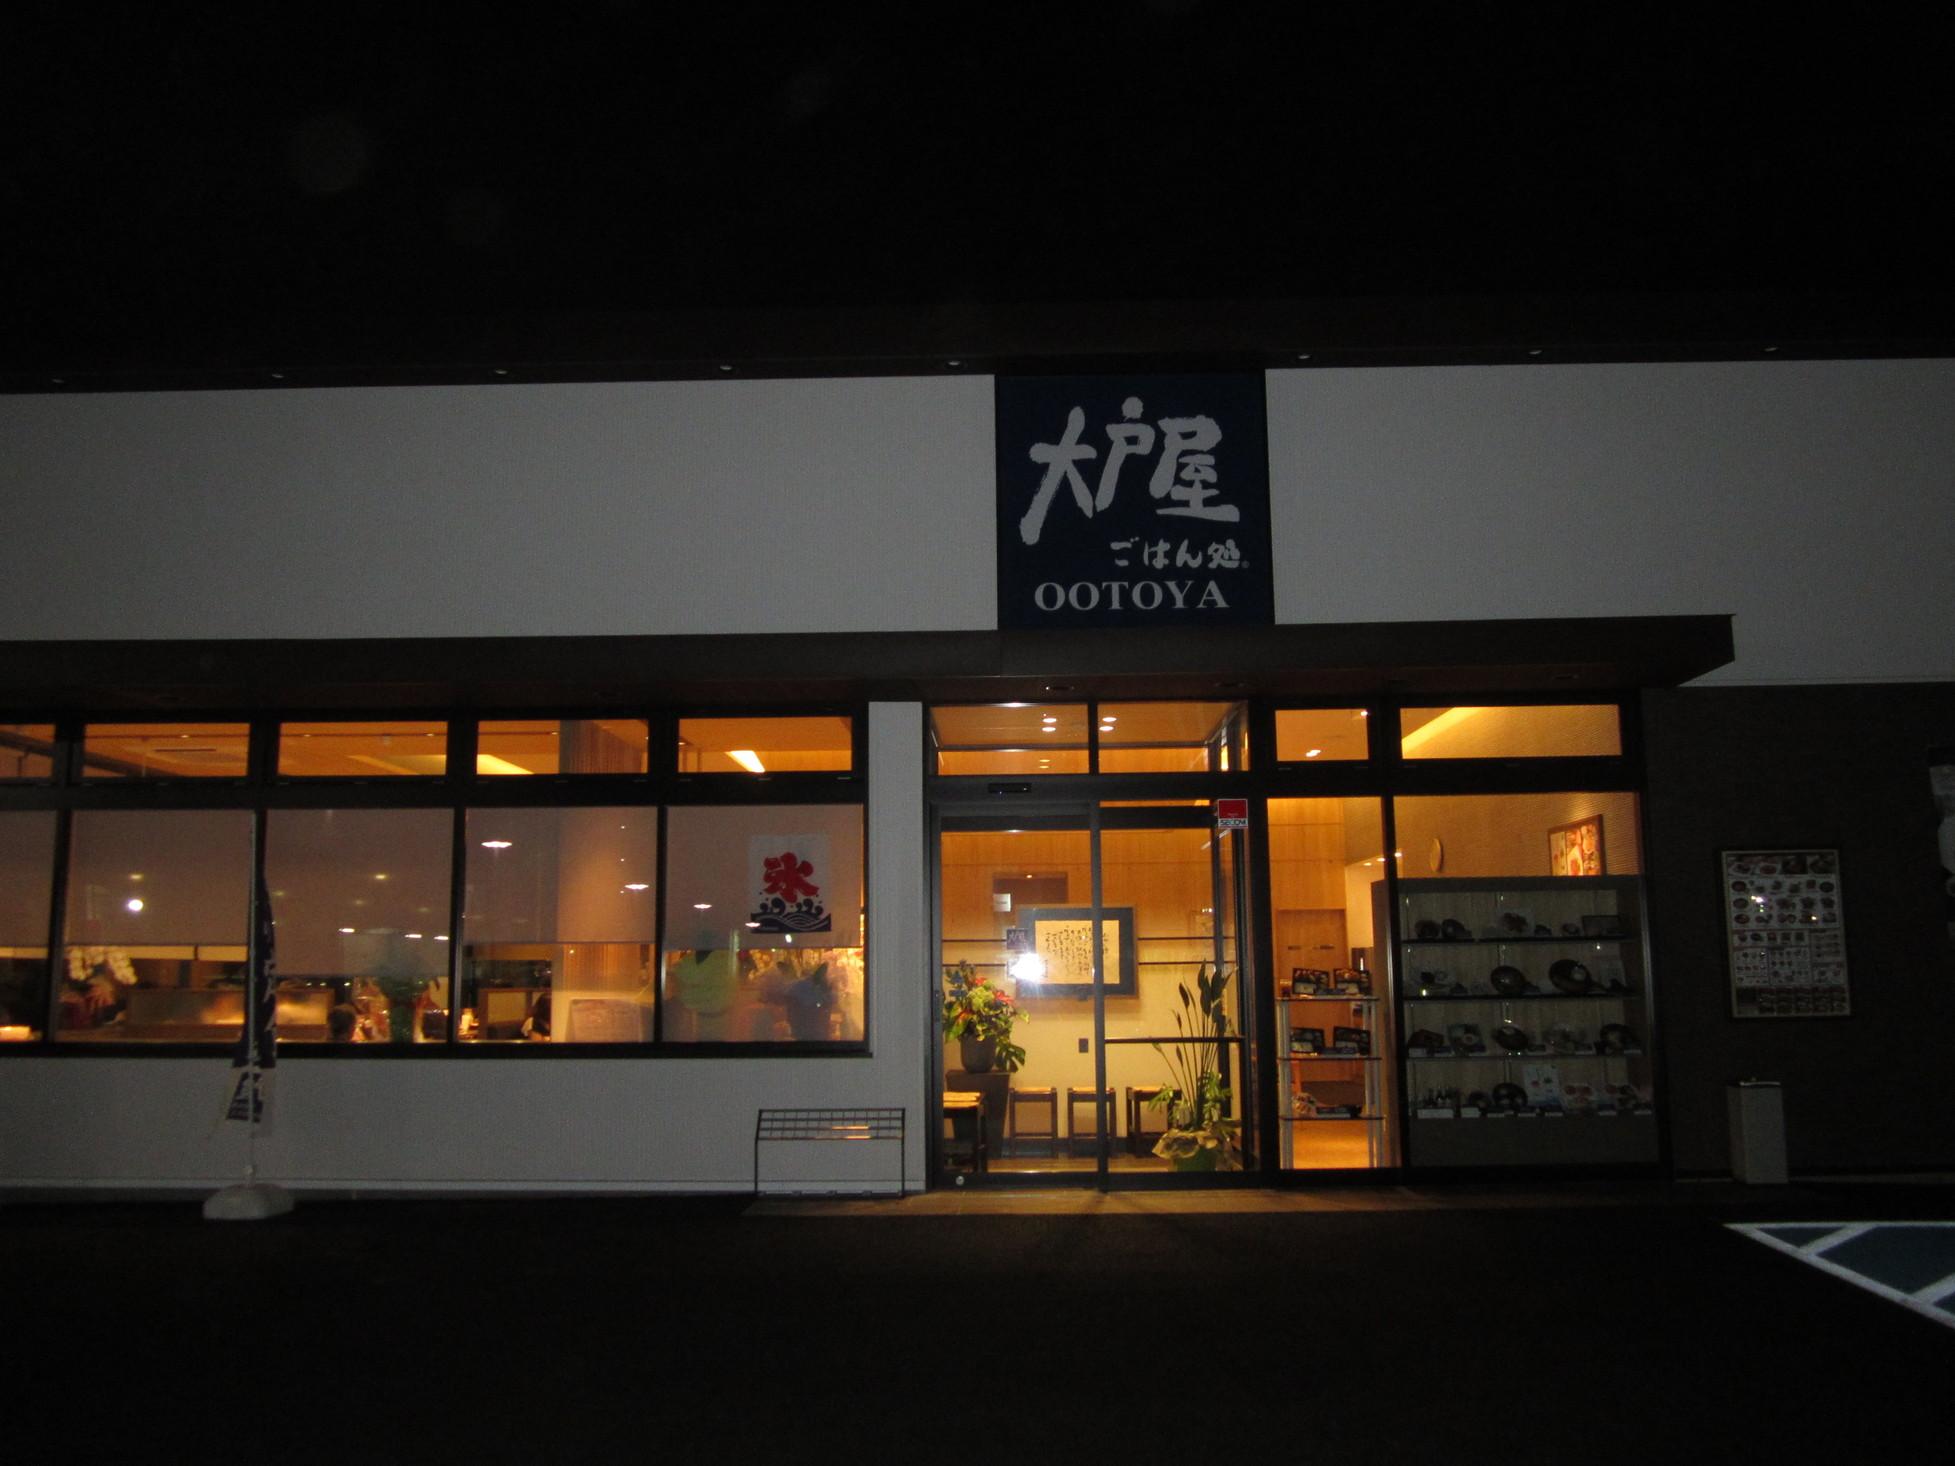 大戸屋 鳴子店